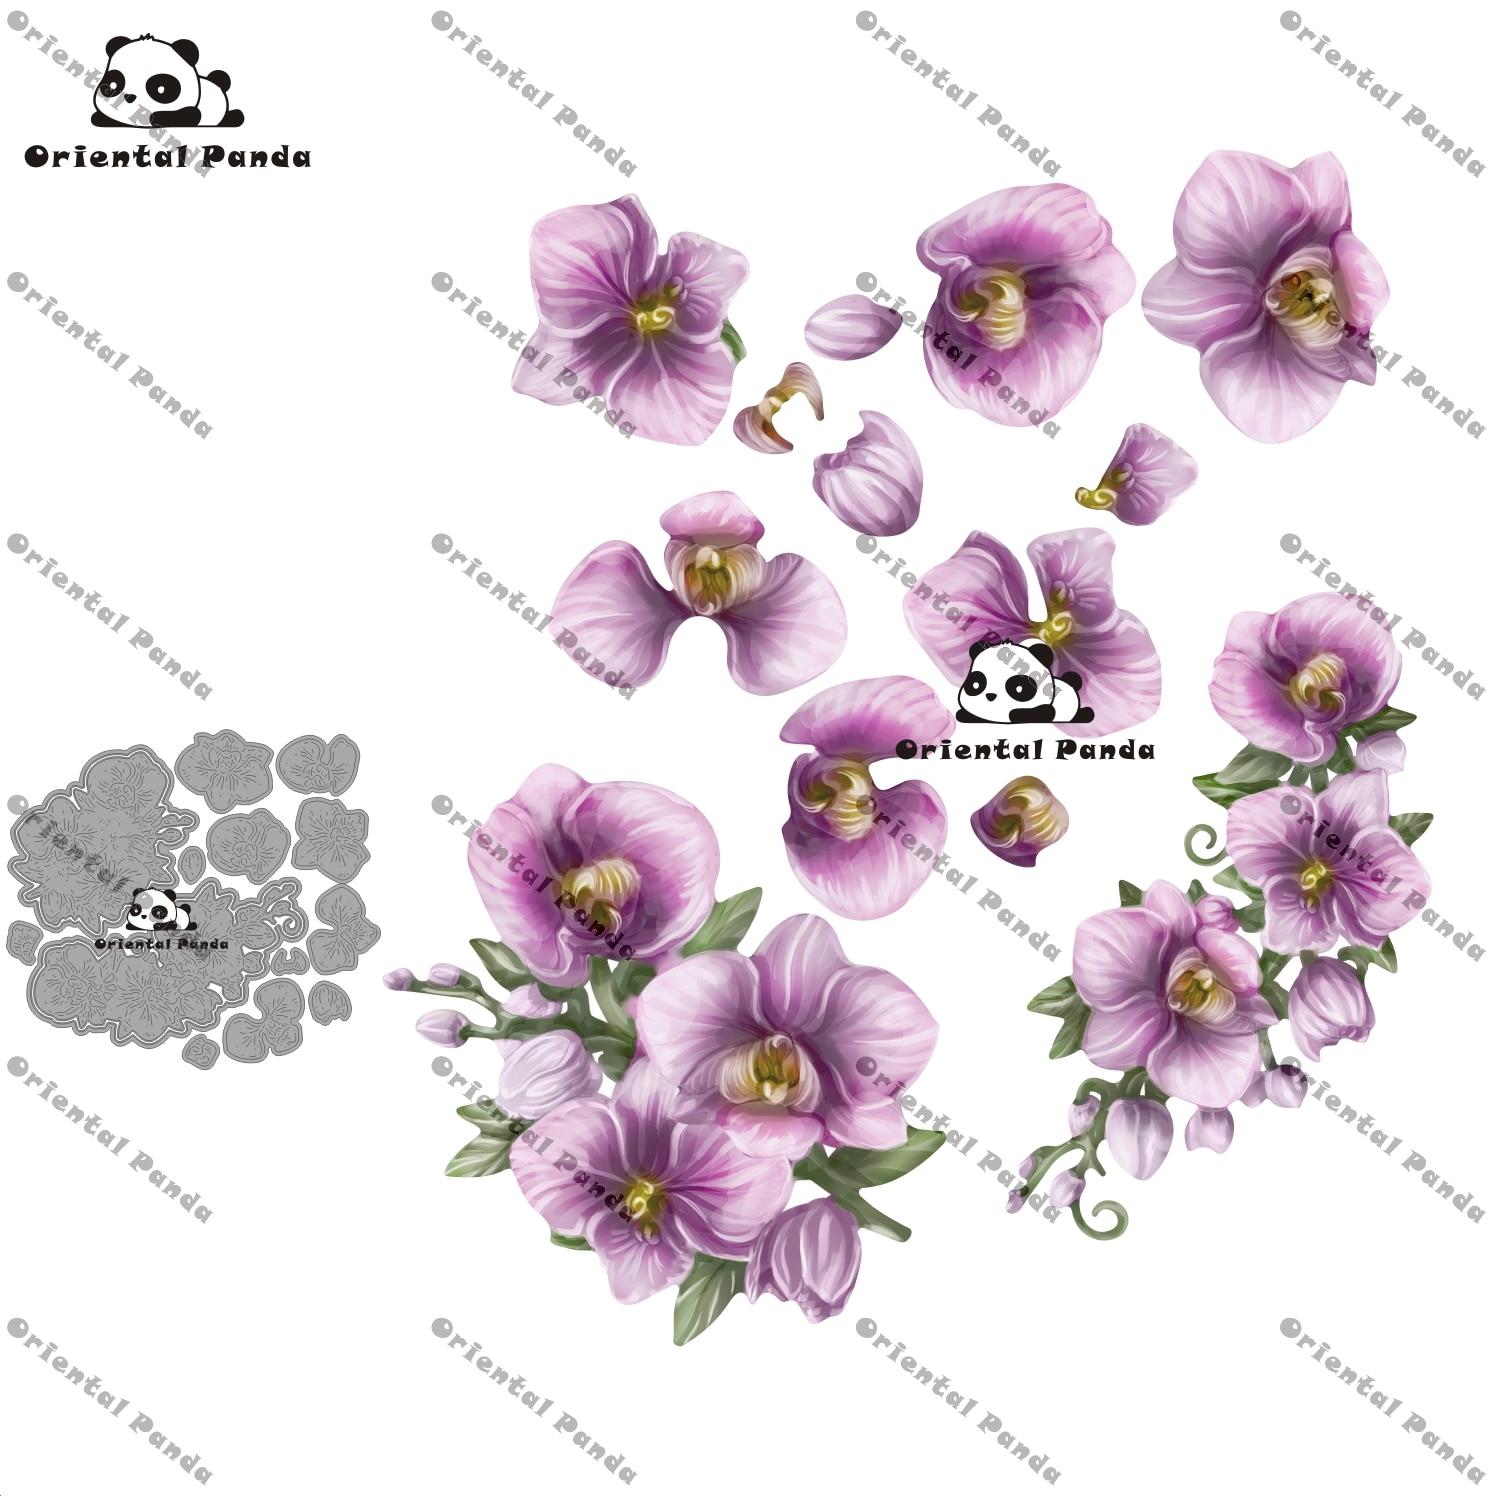 New Dies 2020 Camper Van Metal orchid Dies photo album cutting die Scrapbooking Stecil cu new metal  slimline card craft dies